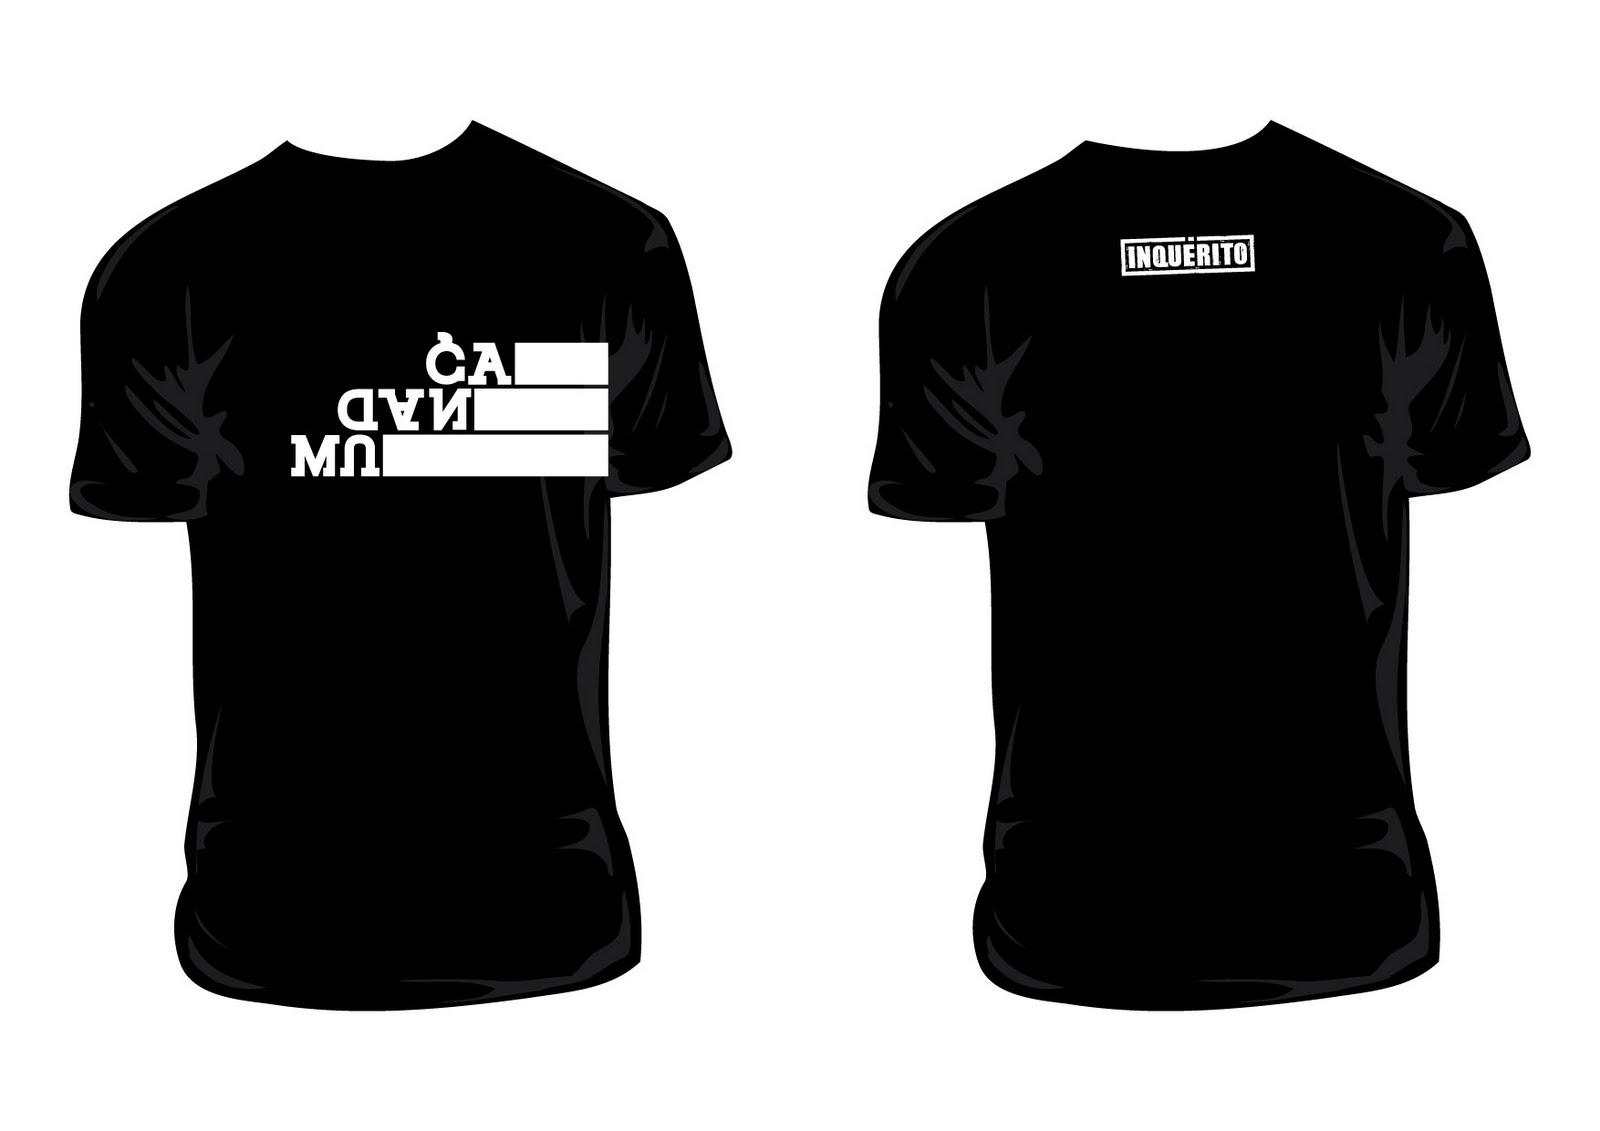 Camisetas @grupoinquerito MUDANÇA apenas R$25,00 + frete! Adquira já ...